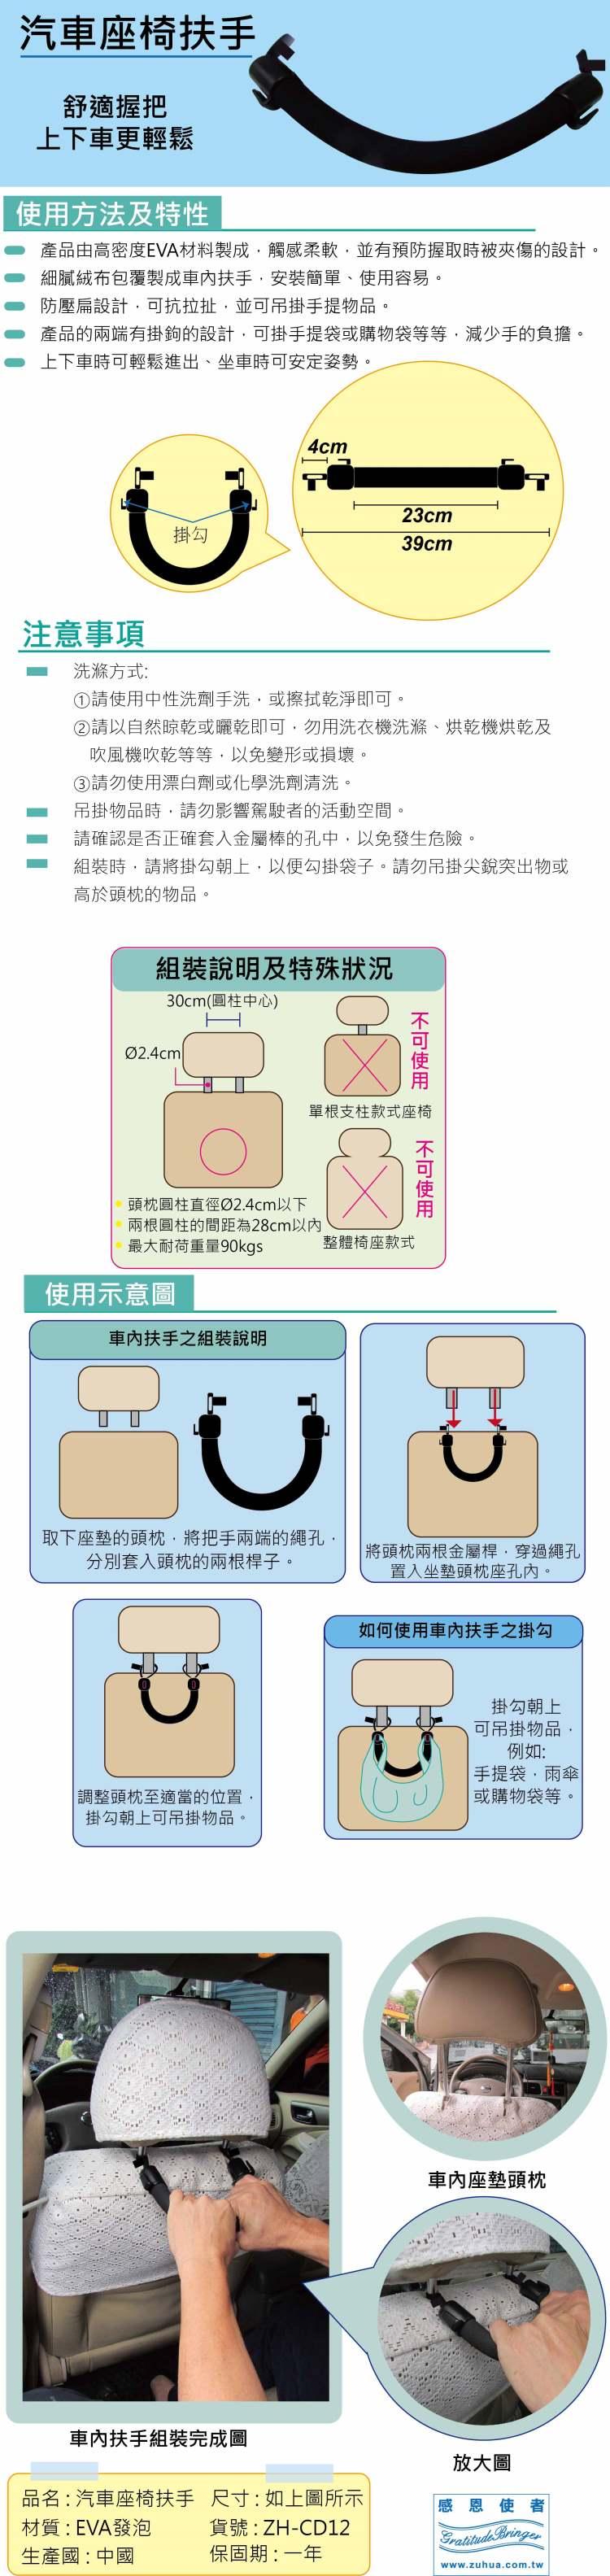 汽車座椅扶手:柔軟舒適又好握,上下車輕鬆進出、坐車時可安定姿勢,附掛勾可掛手提袋或購物袋,十分方便。